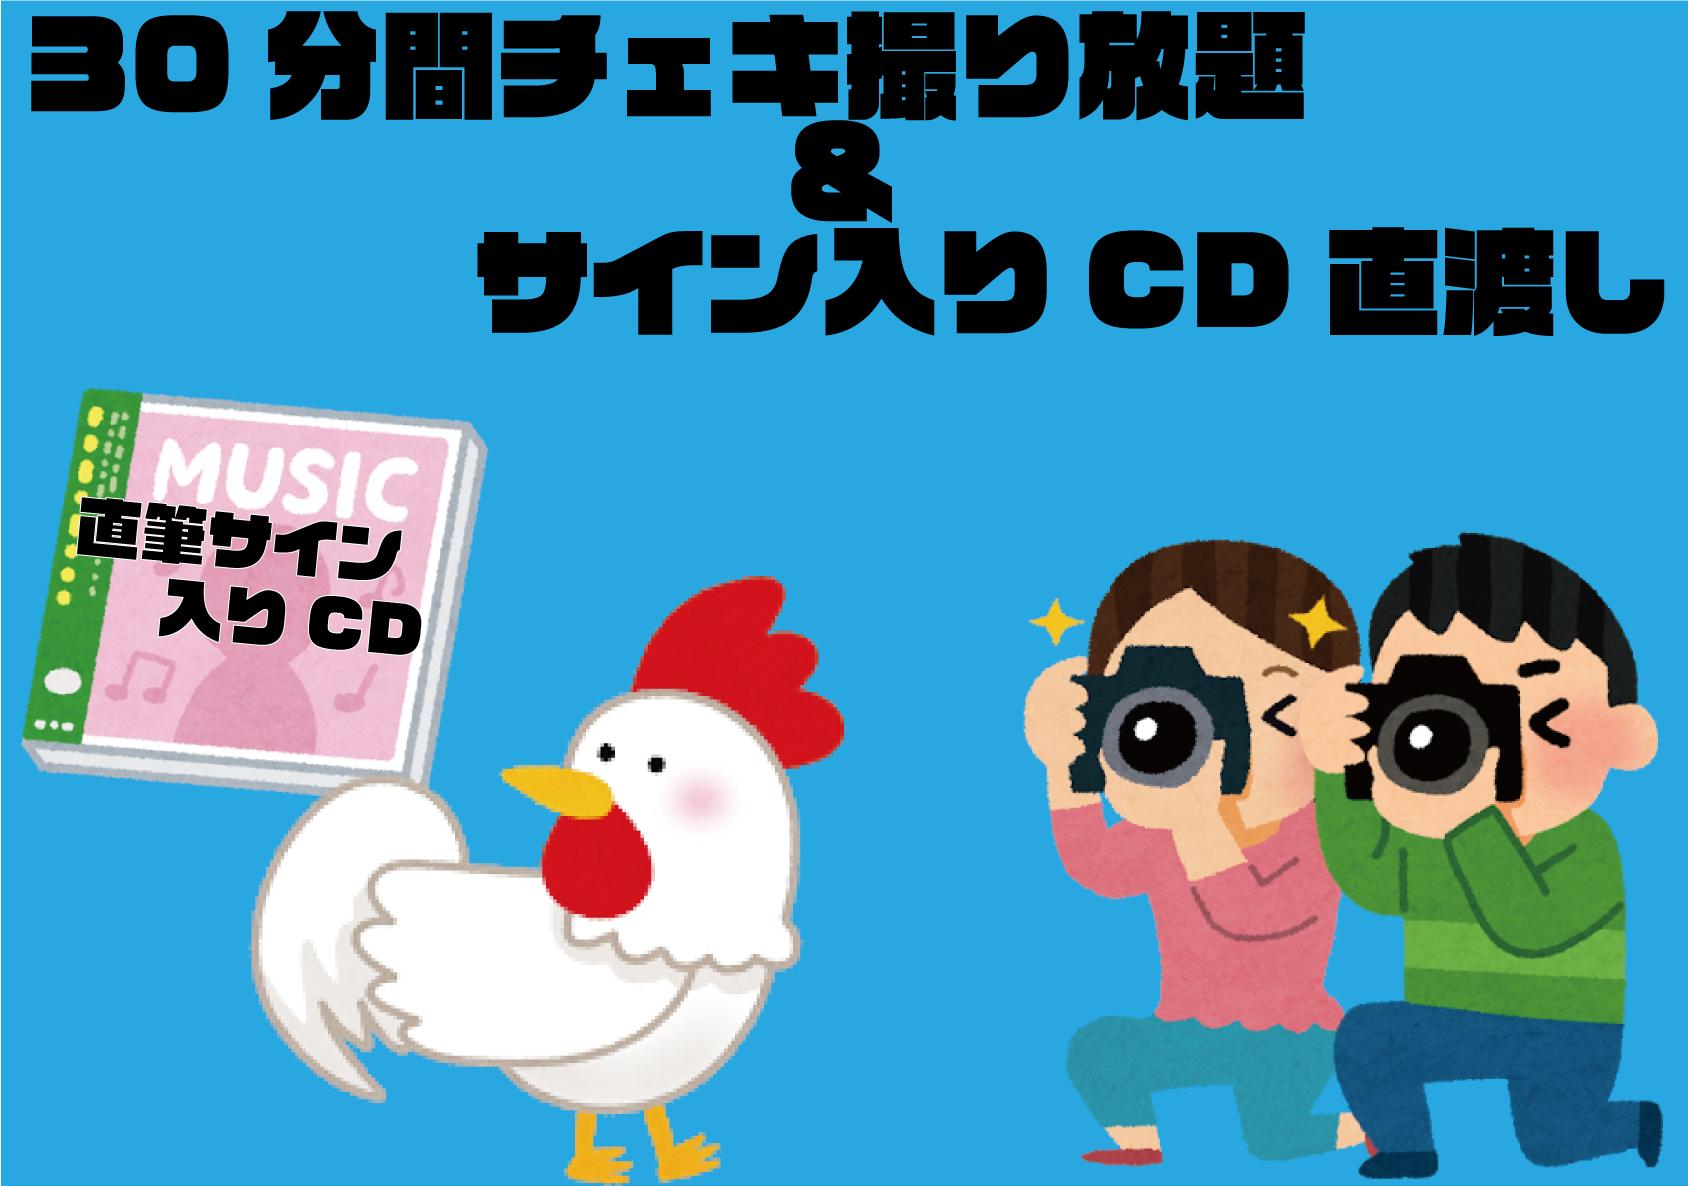 <彗乃かれん 30分間チェキ撮り放題&サイン入りCD直渡し プラン>